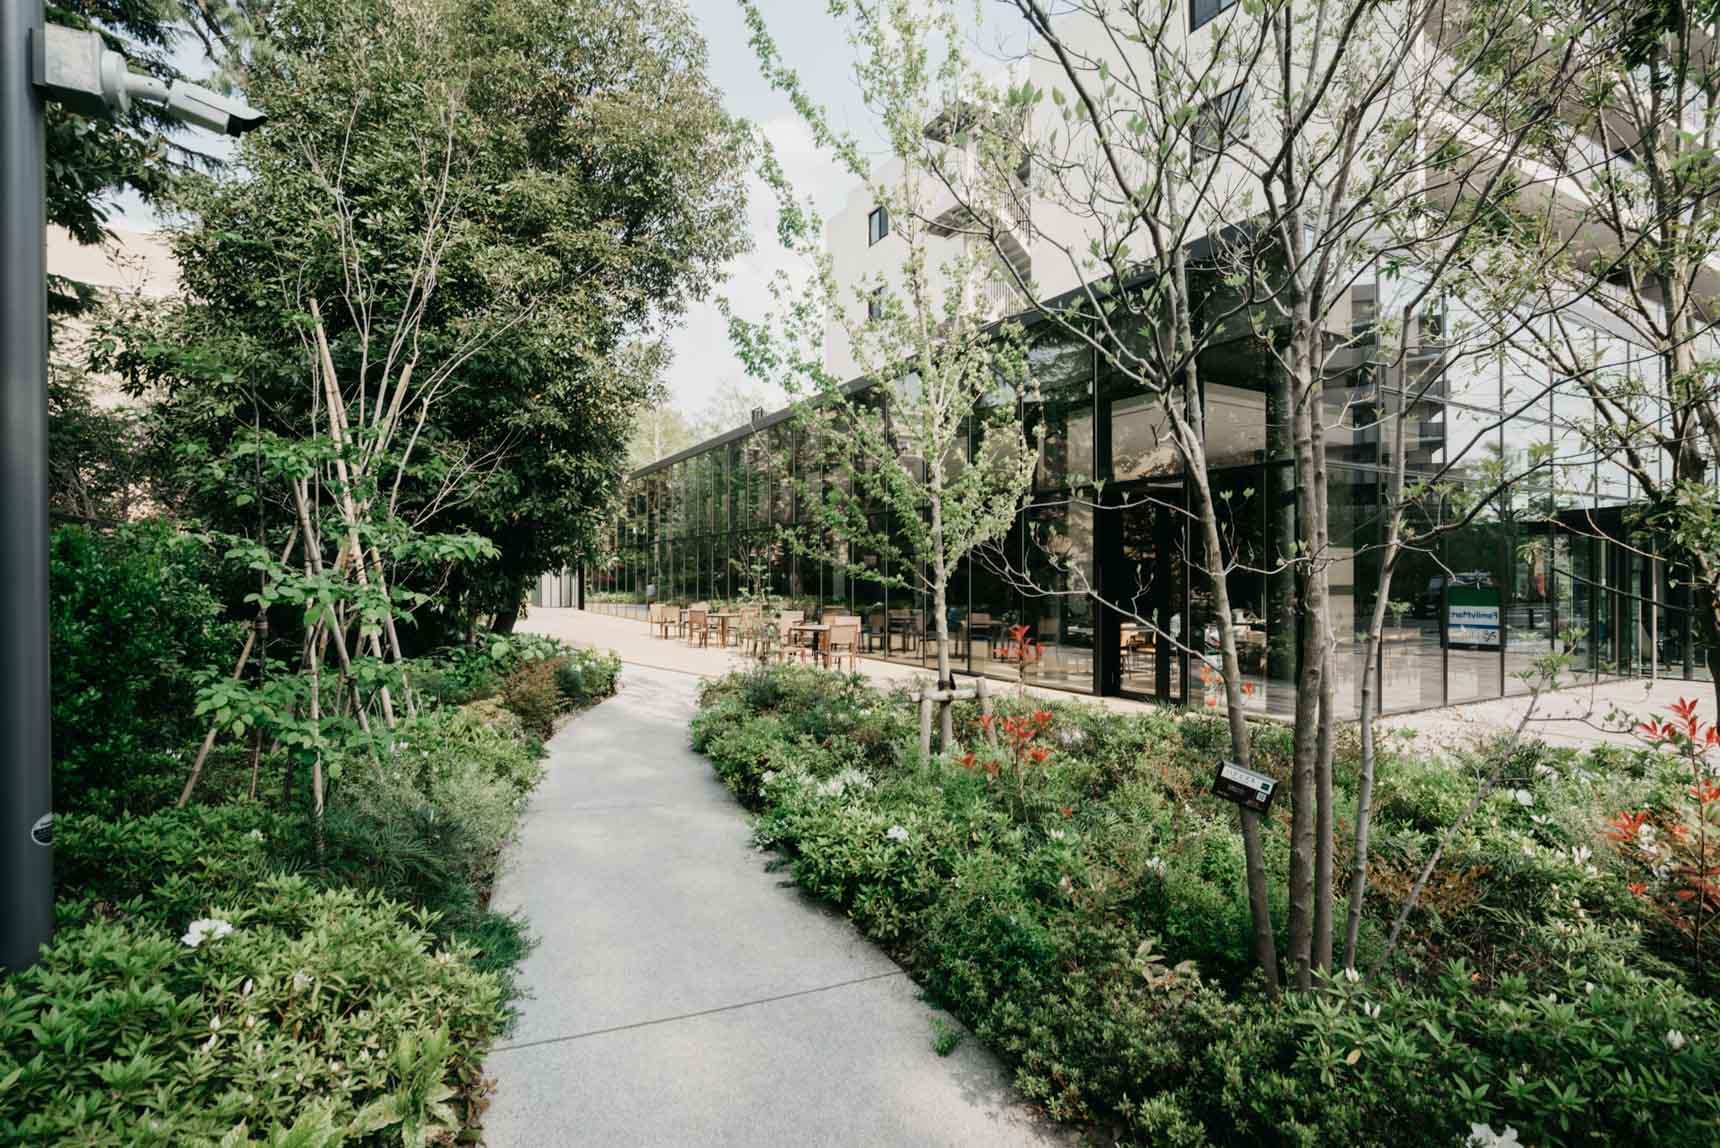 敷地内にも、この場所に残っていた林を生かすように、木々に囲まれた遊歩道がたくさん設けられています。